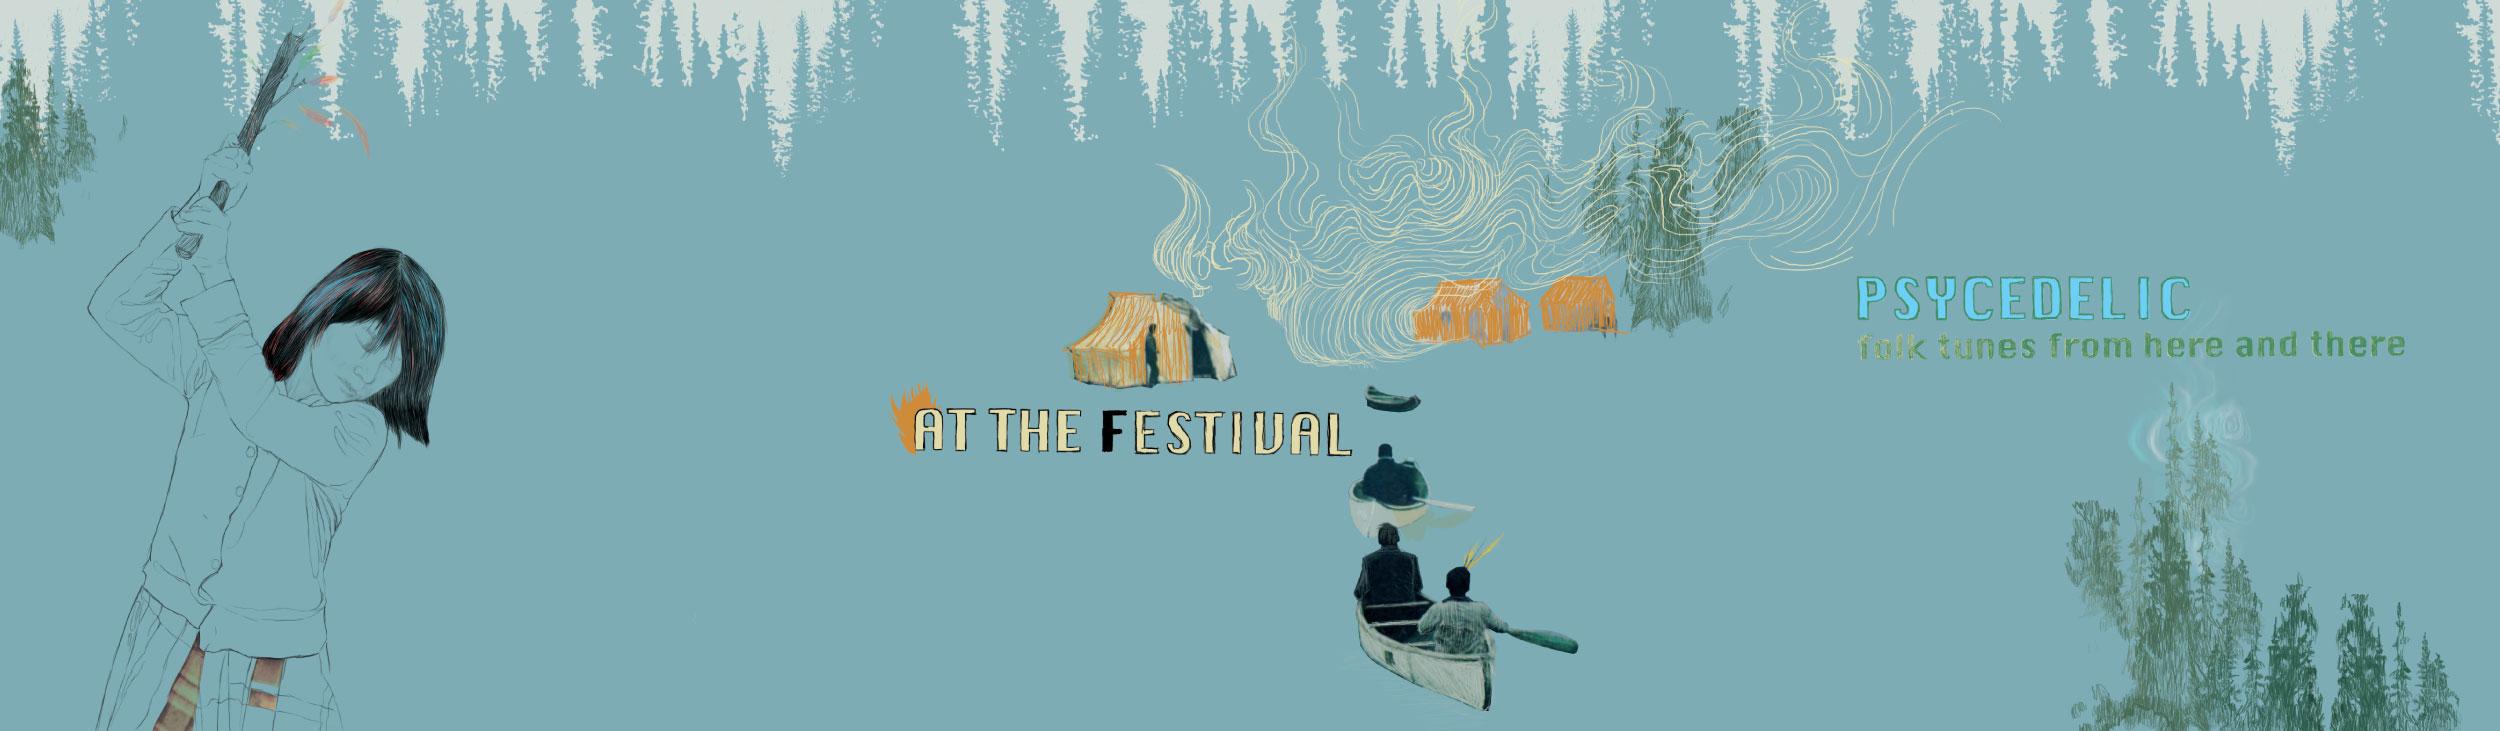 atthefestival-1